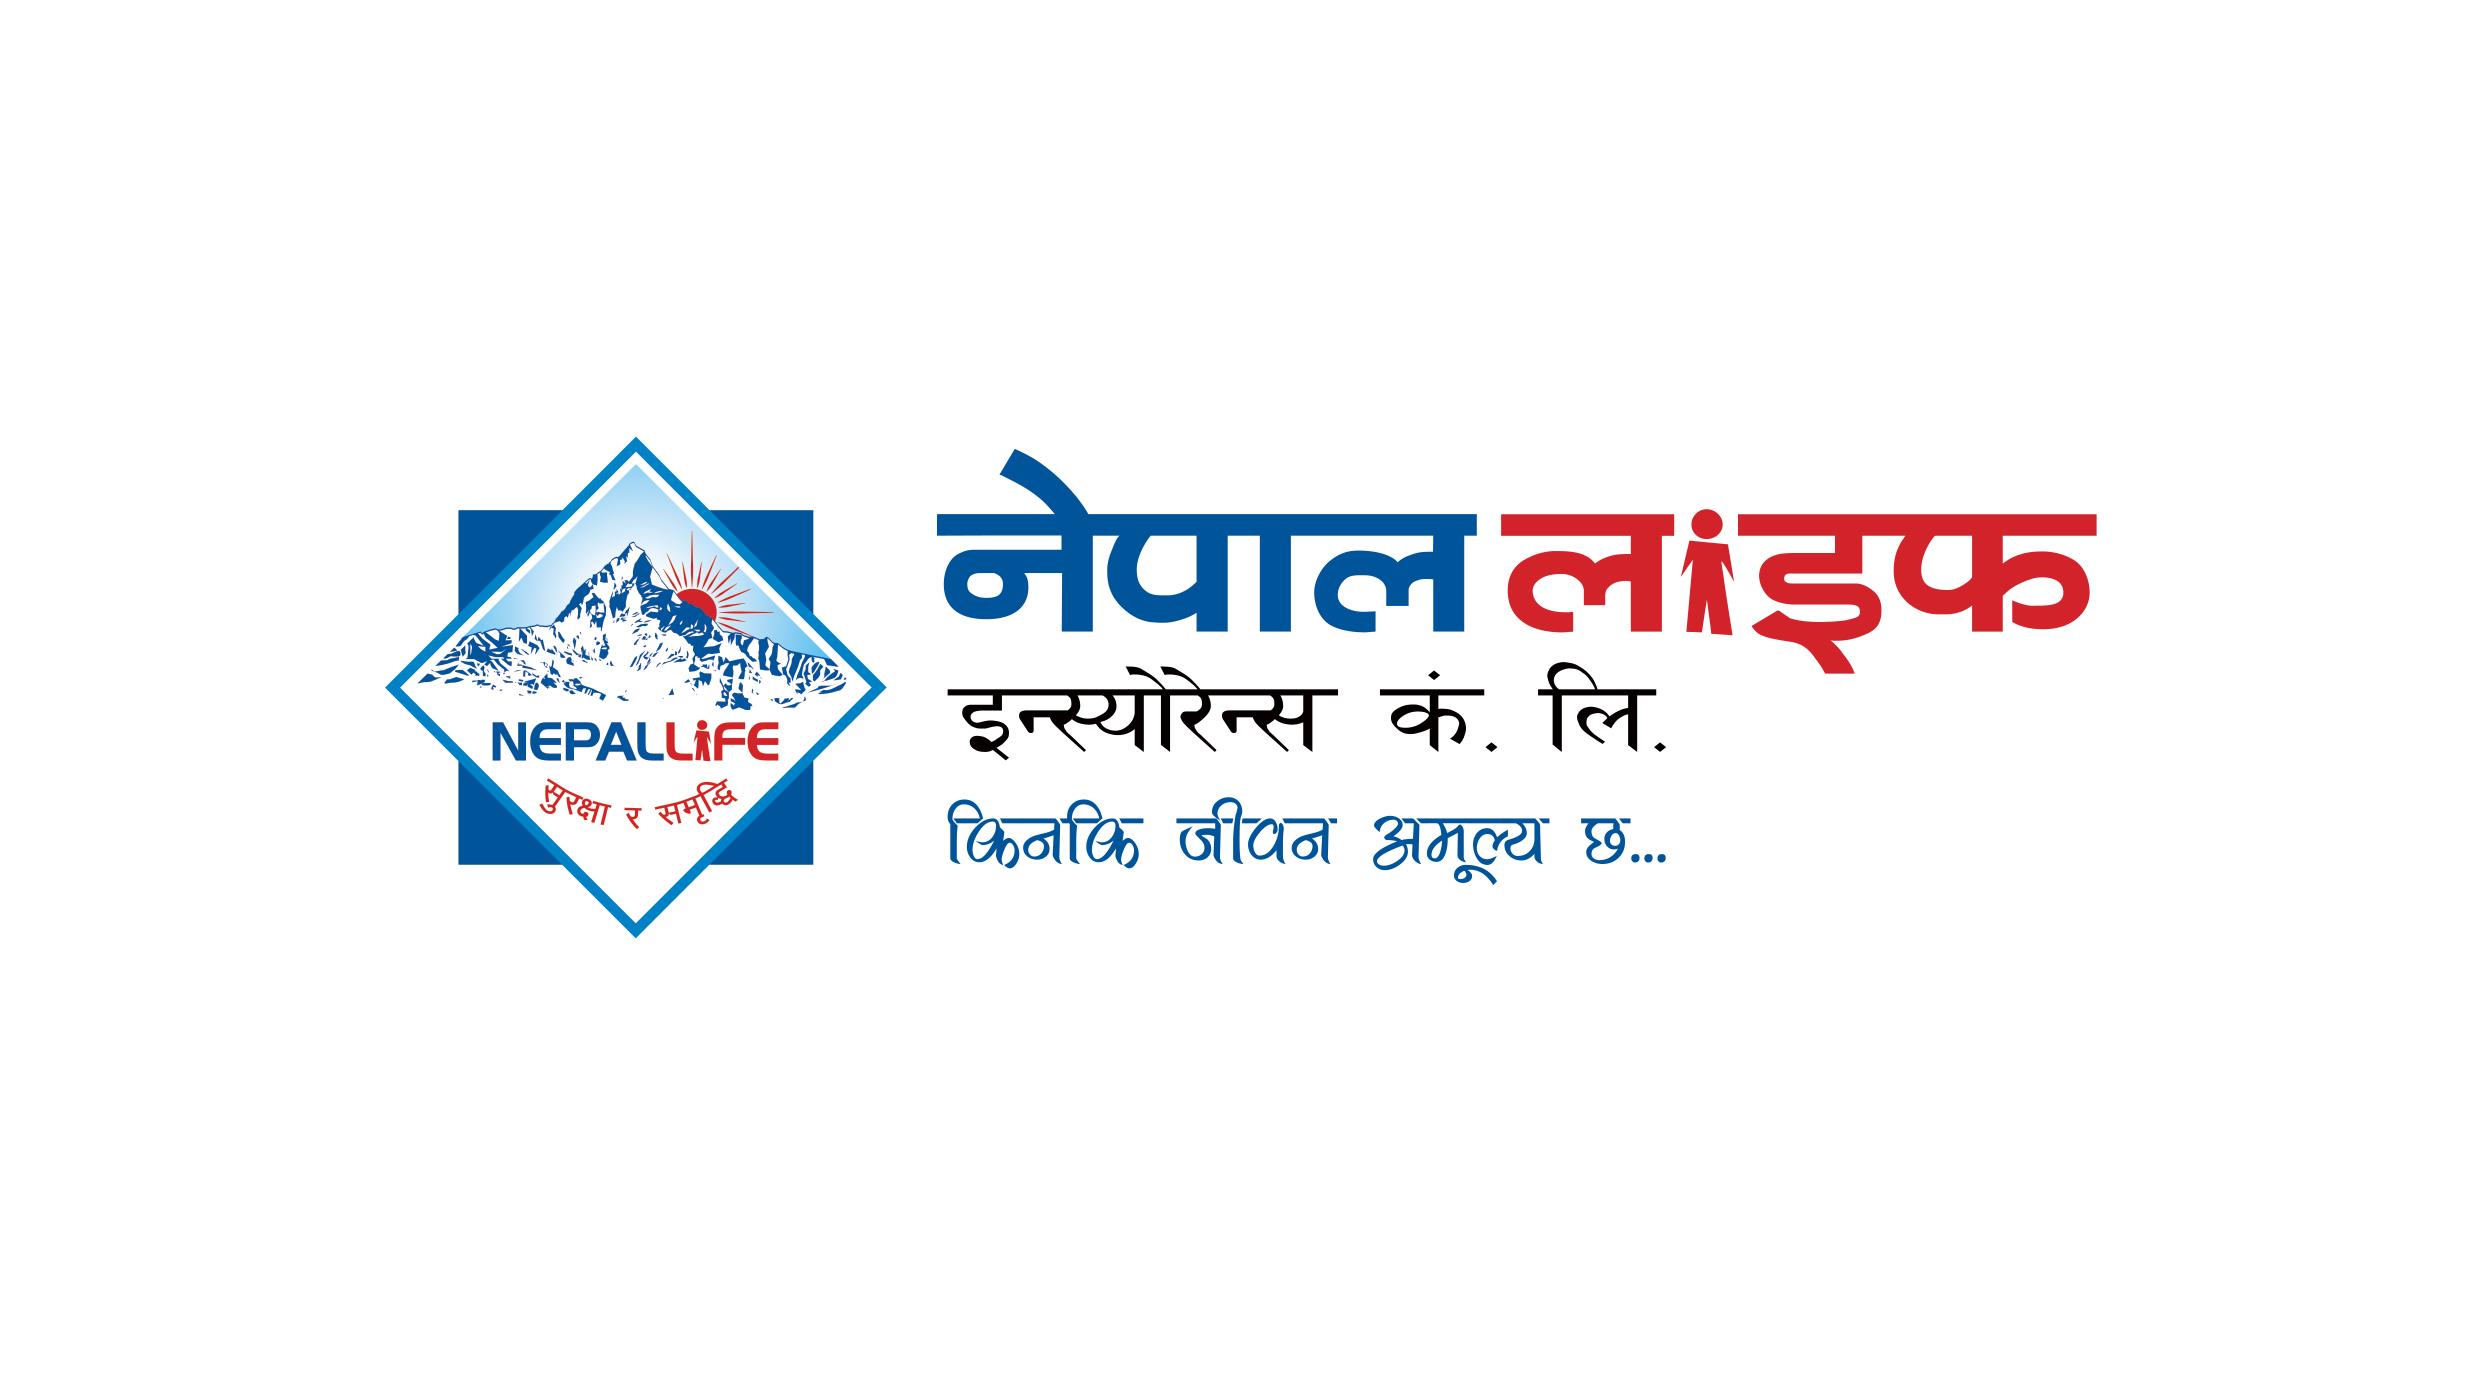 नेपाल लाईफले अभिकर्तालाई दिएको टार्गेट घटायो